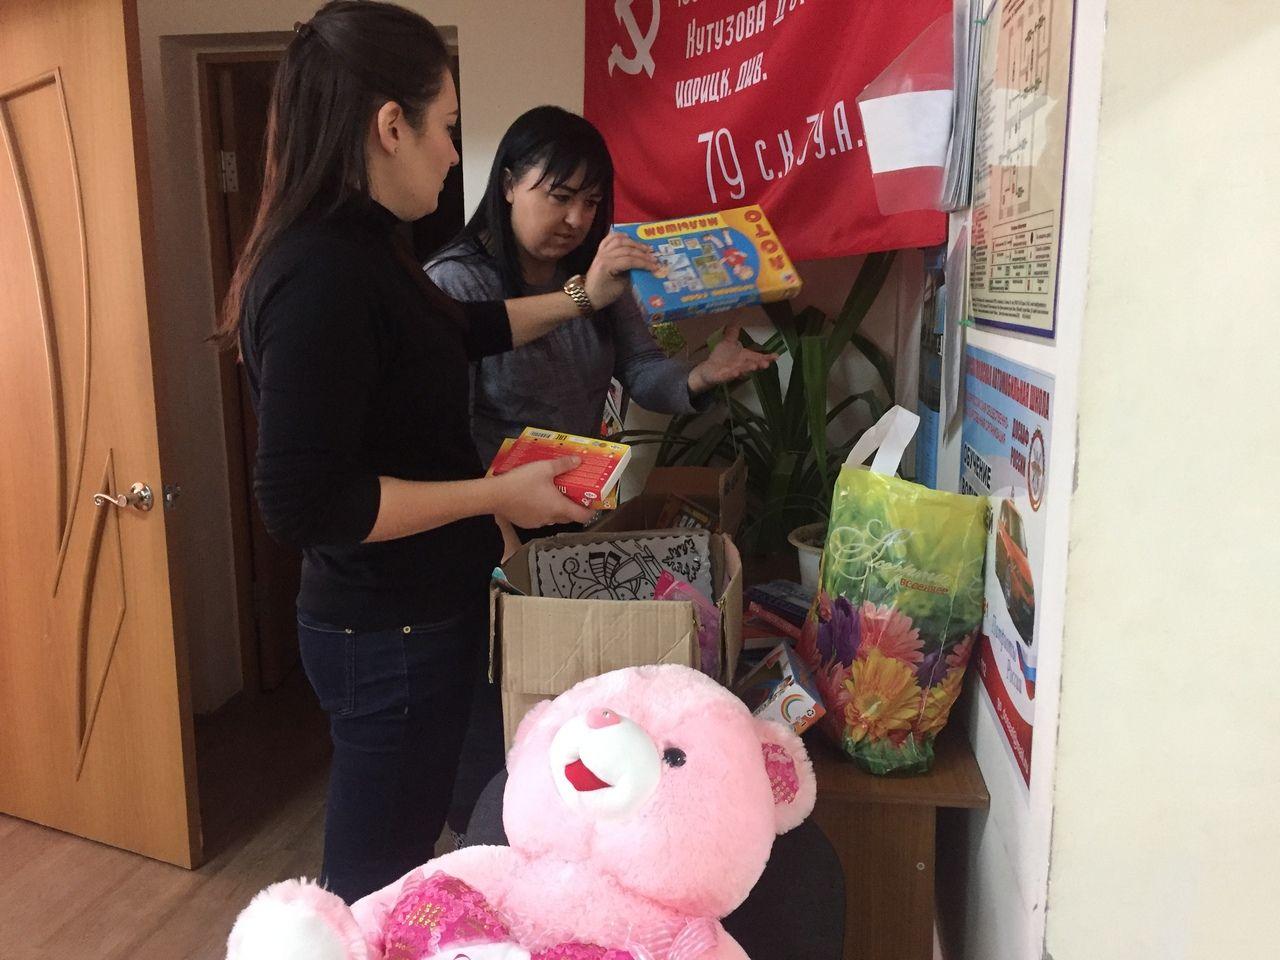 Волонтёры Кисловодска передали подарки детям Юго-Востока Донецкой и Луганской народных республик